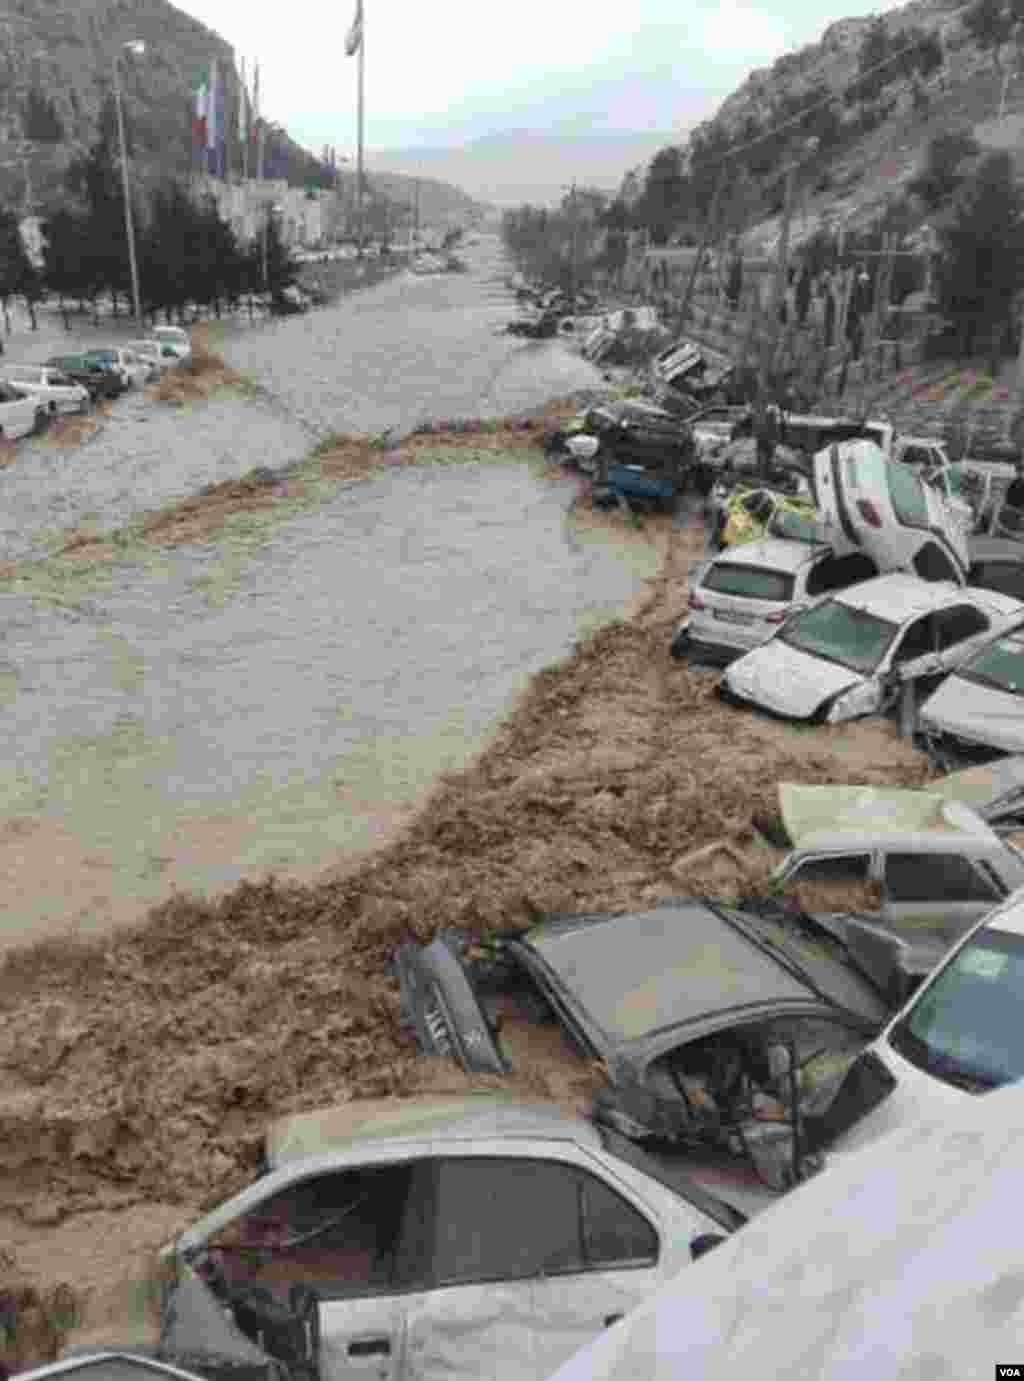 عکس ارسالی از سیل در شیراز؛ ساخت خیابان و پارکینگ در مسیل، در ورودی شیراز، موجب شد خسارات مالی و جانی سیلاب به شهروندان شد.